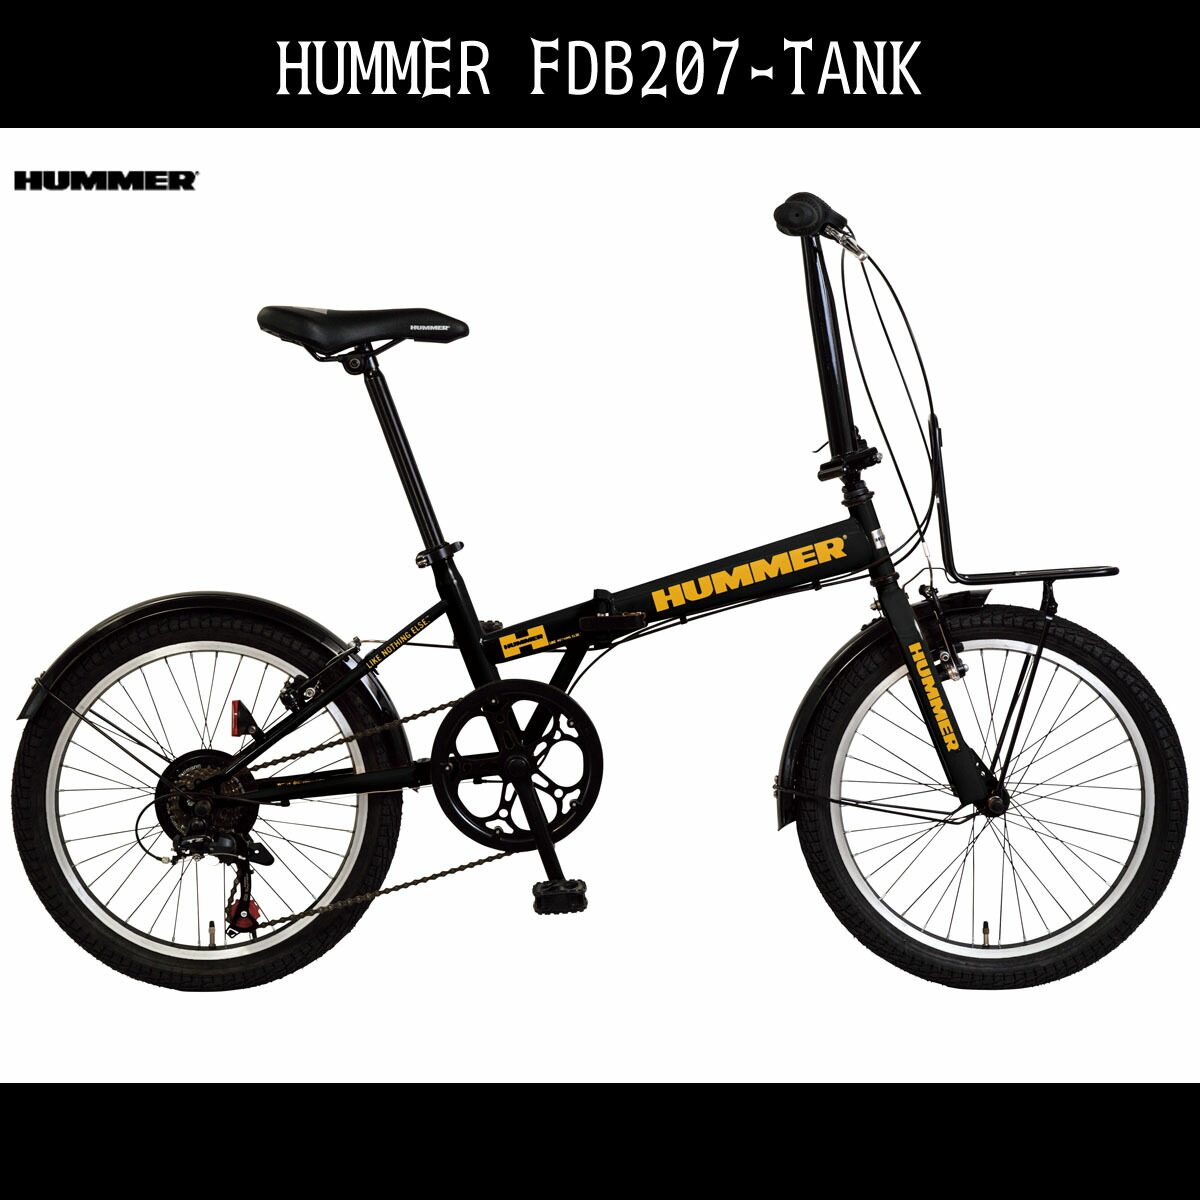 2台セット販売折りたたみ自転車 ハマー HUMMER 自転車 ブラック黒20インチ 折りたたみ自転車 外装7段変速ギア FDB207 TANK かっこいい ハマー 折りたたみ自転車